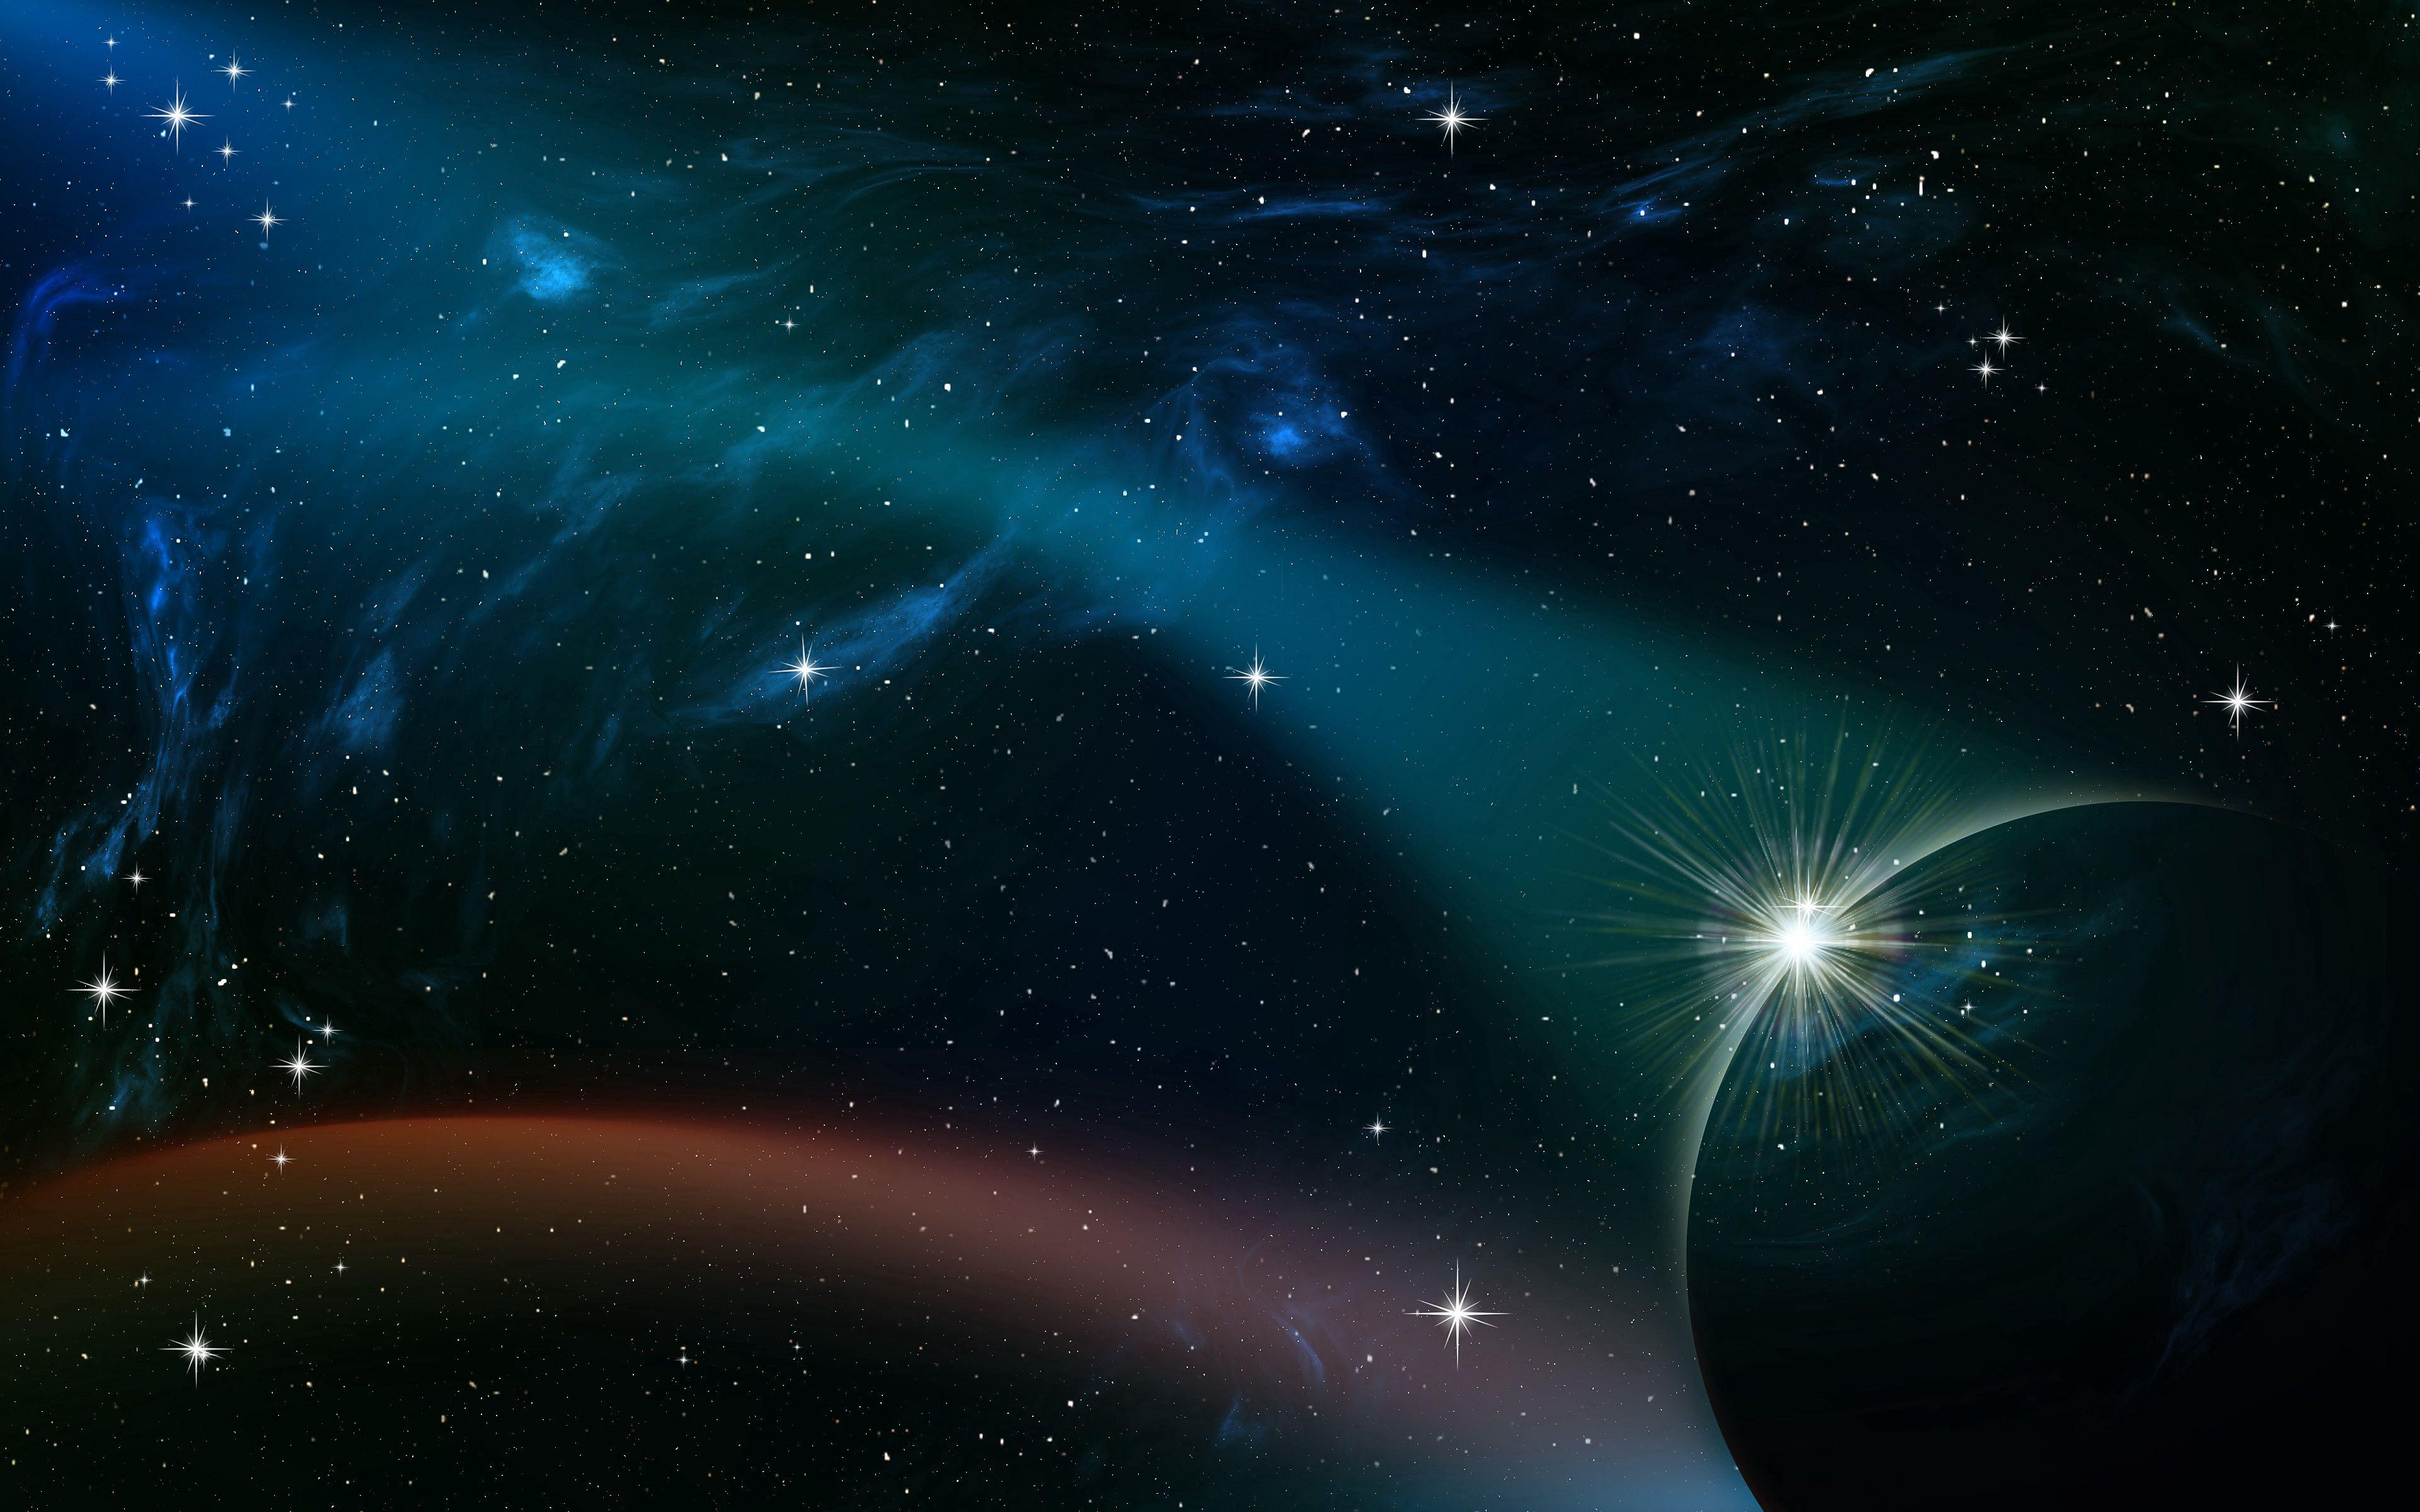 126107 Hintergrundbild herunterladen Sky, Universum, Sterne, Planet, Planeten, Satelliten - Bildschirmschoner und Bilder kostenlos